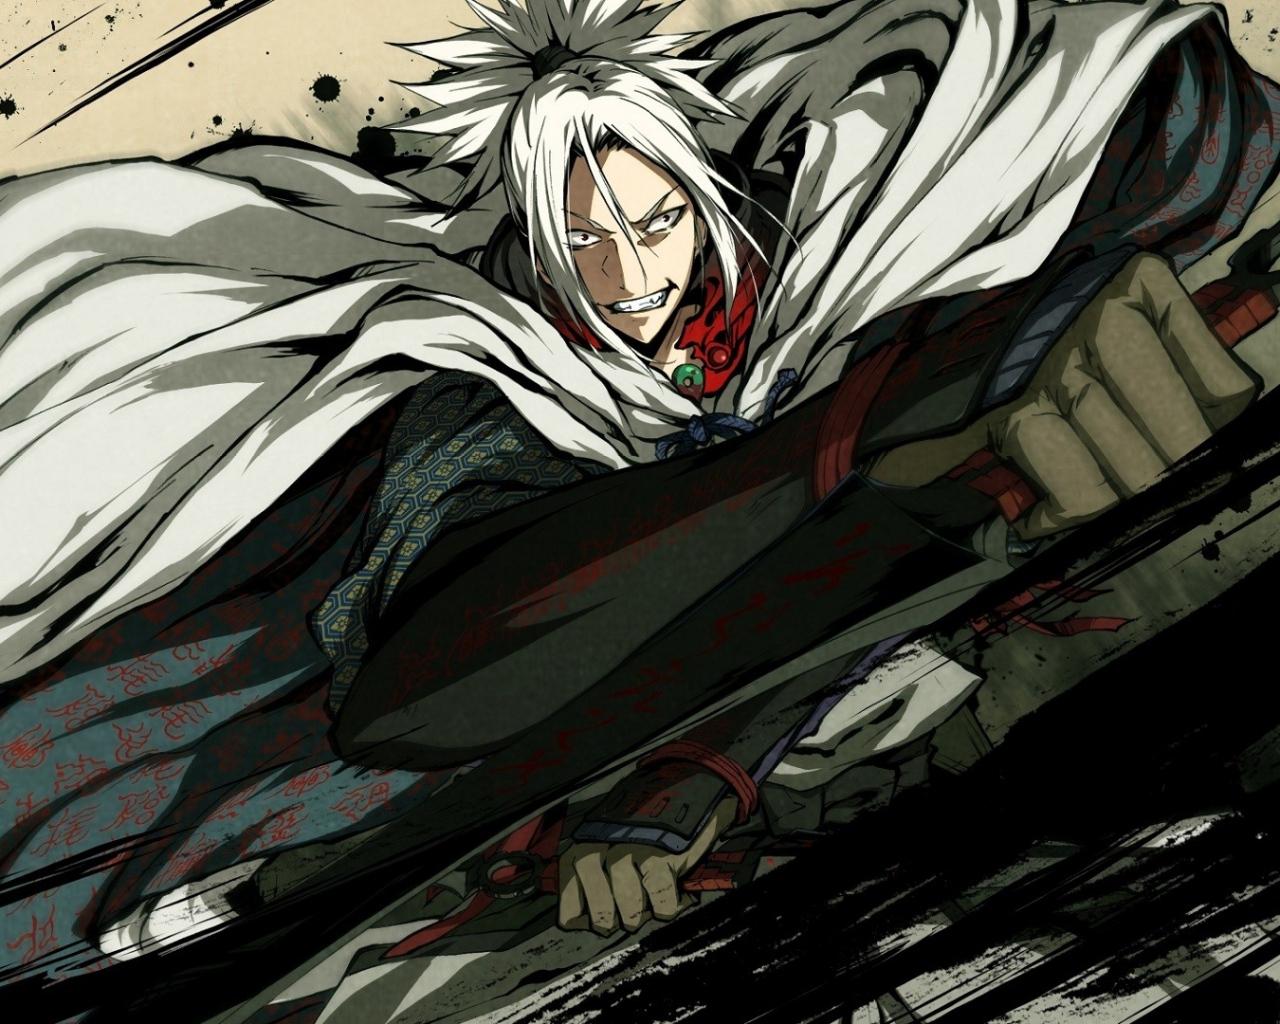 Tải Hình Nền Anime Đẹp Full HD 1280x1024 Cho Máy Tính - Tải